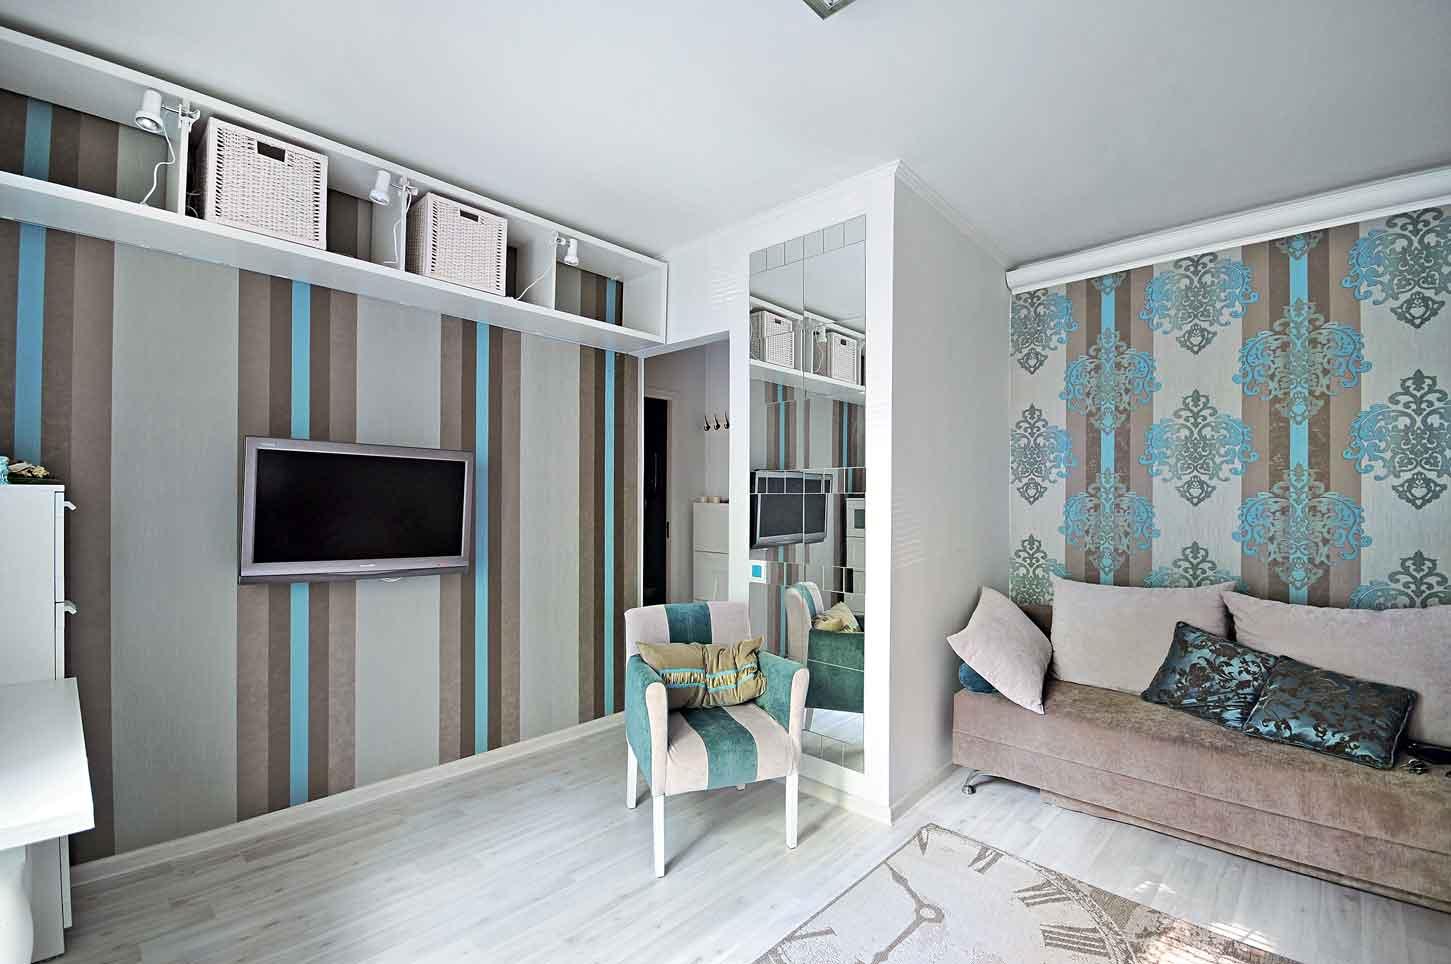 дизайн маленьких квартир 8 оригинальных идей